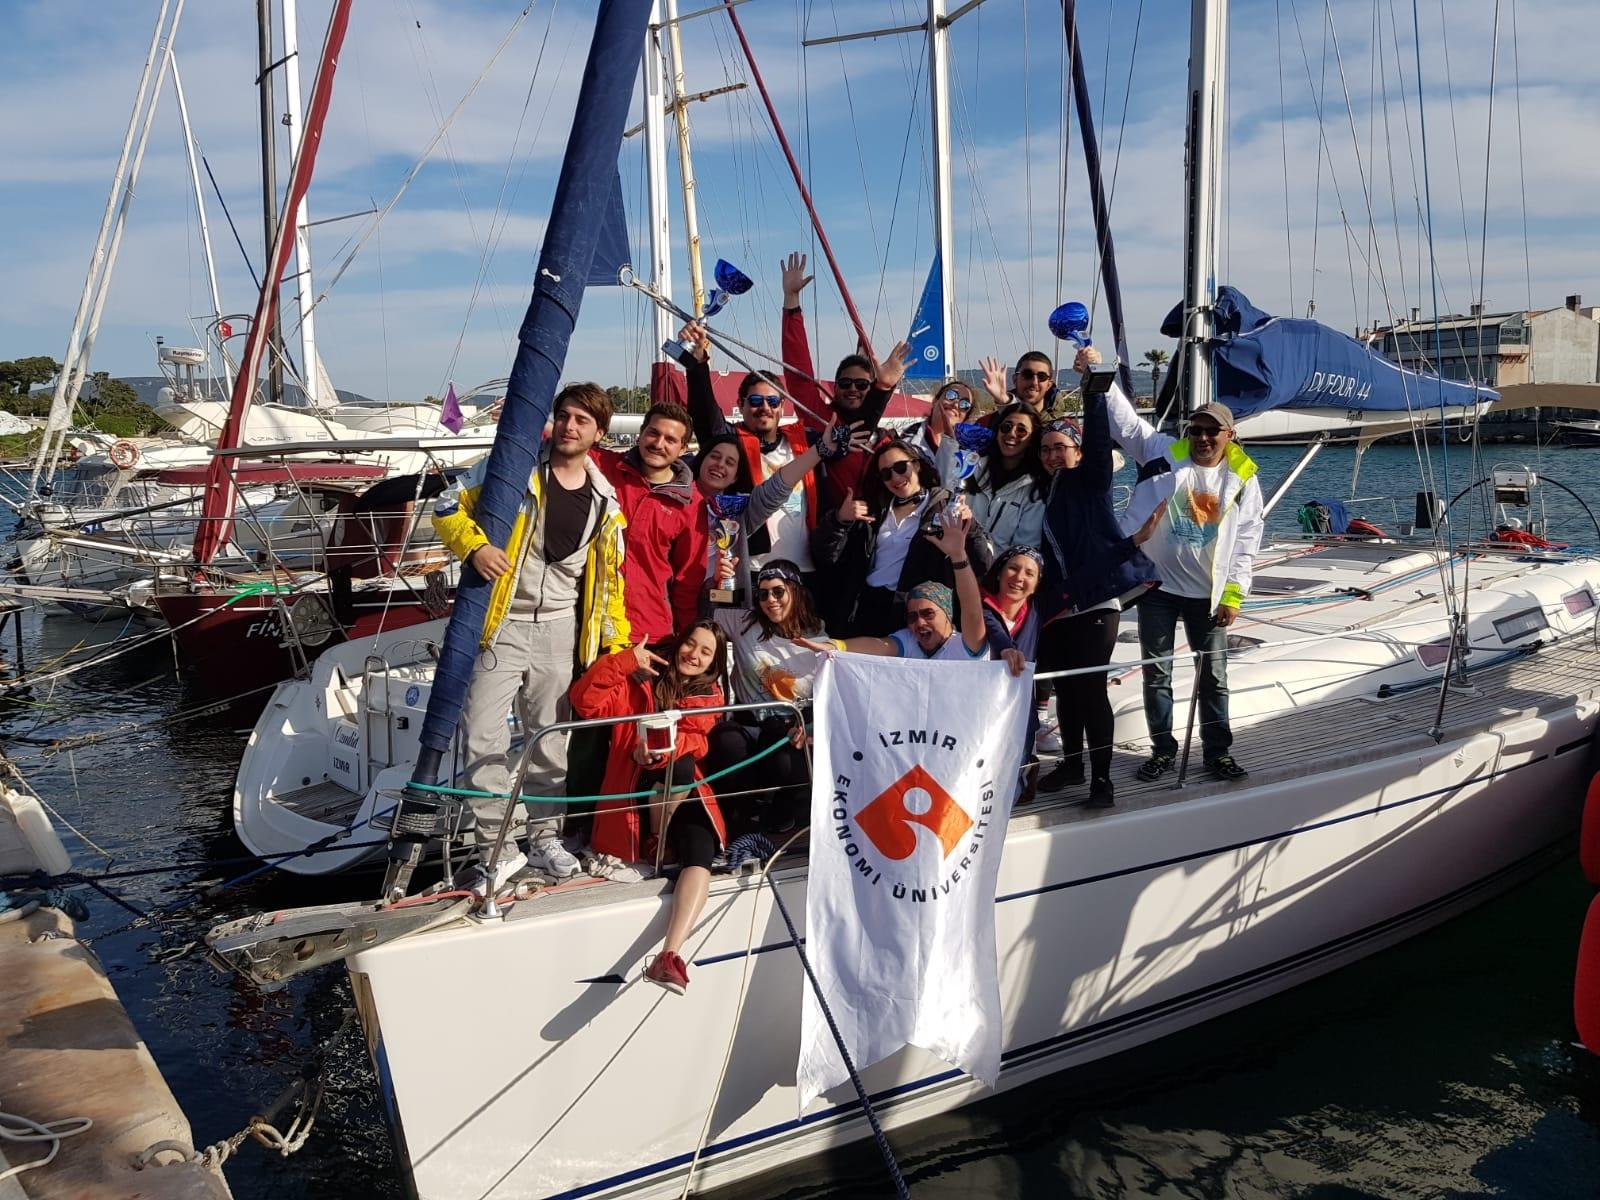 IUE's sailing achievement